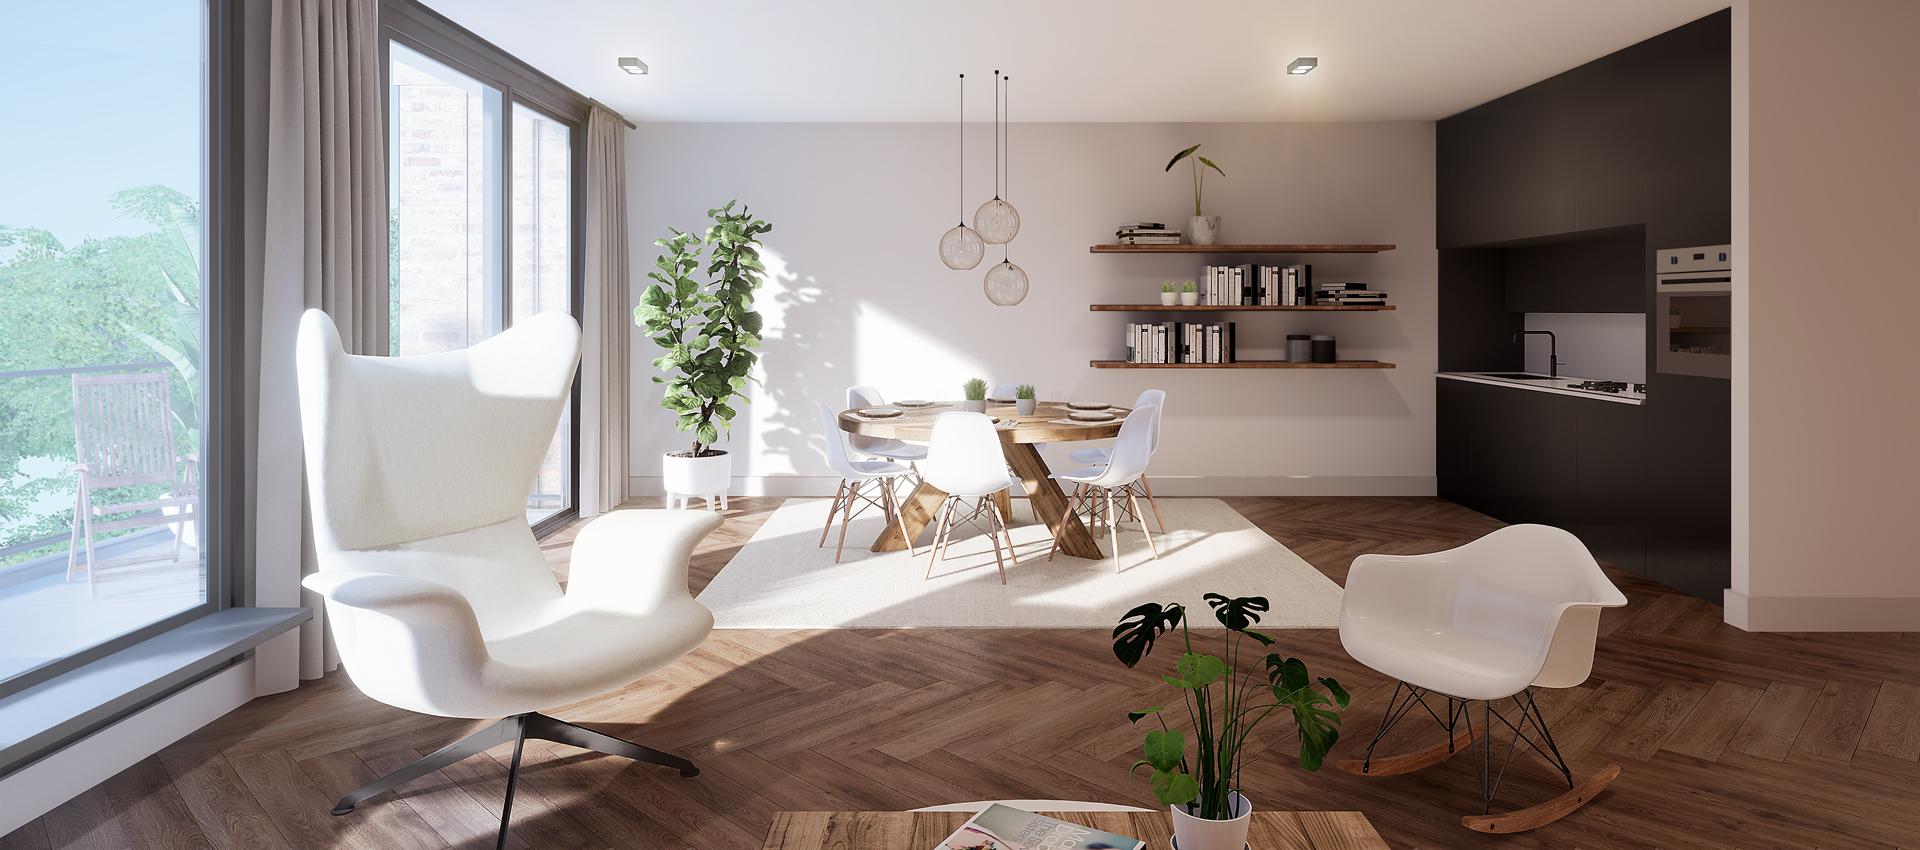 Interieur De Luxe Appartement appartementen - het oude raadhuys